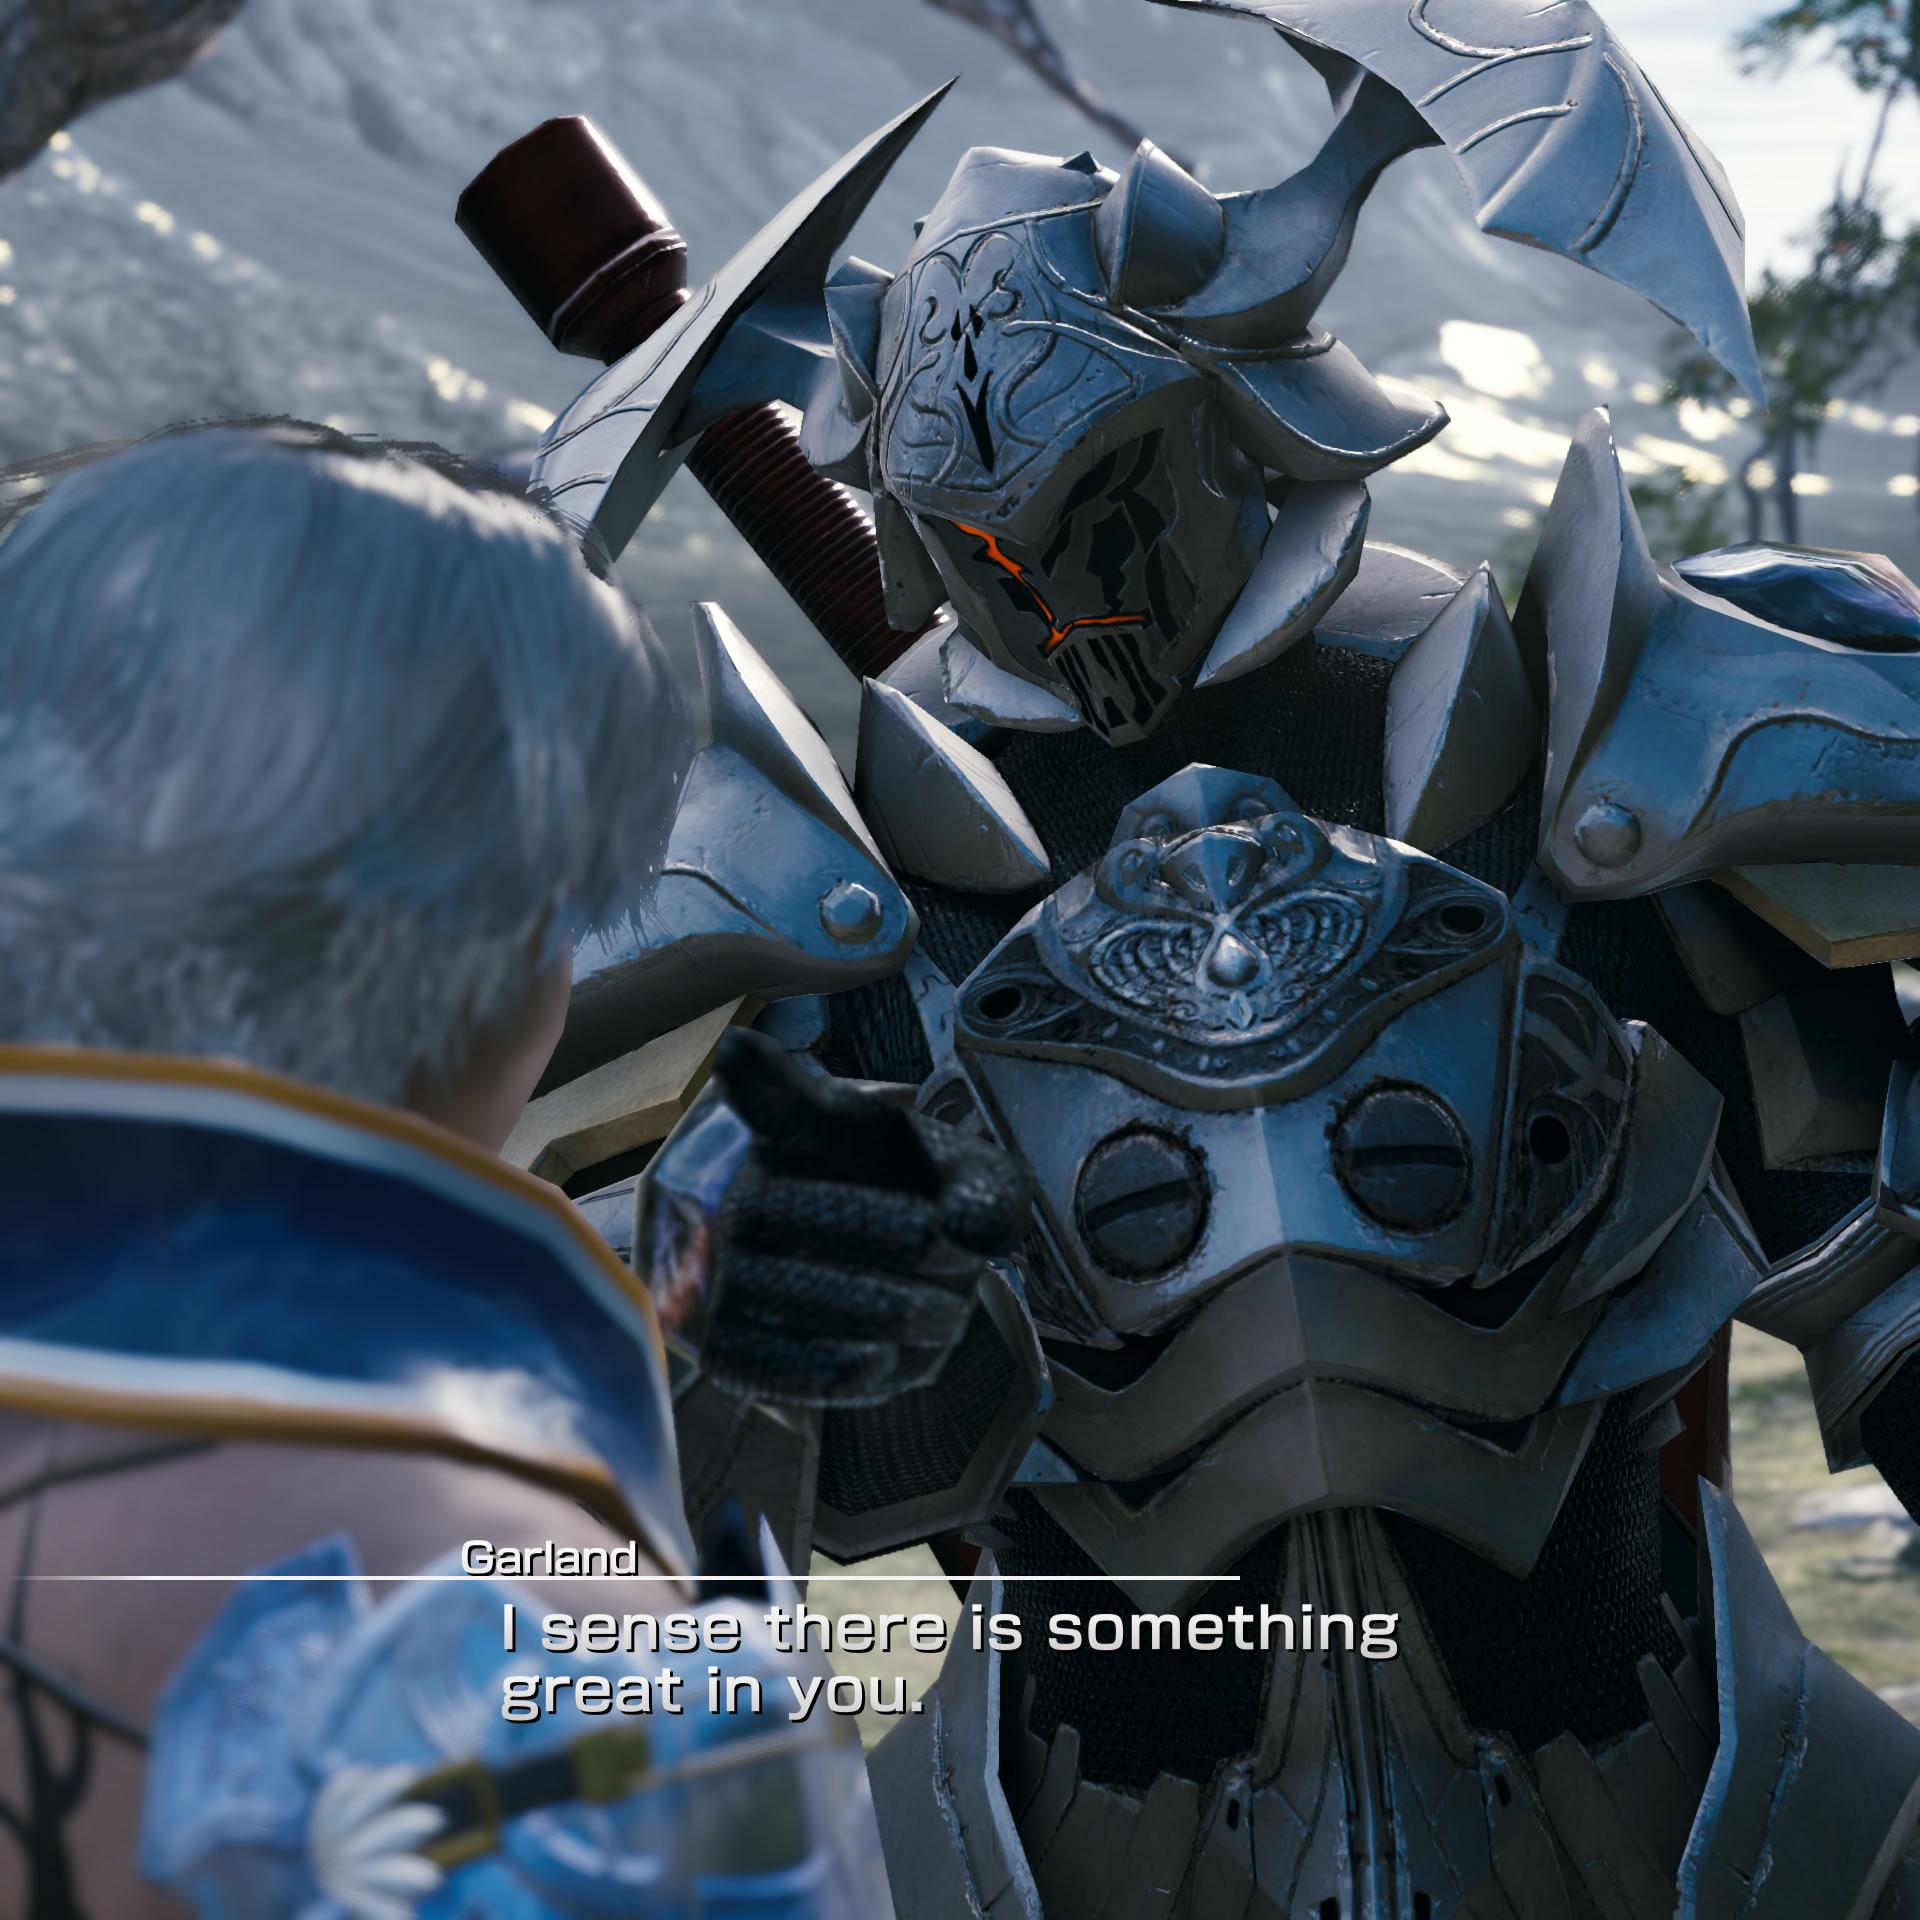 Ffx Bruderherz mobius final fantasy archive | game news, spiele-videos f�r